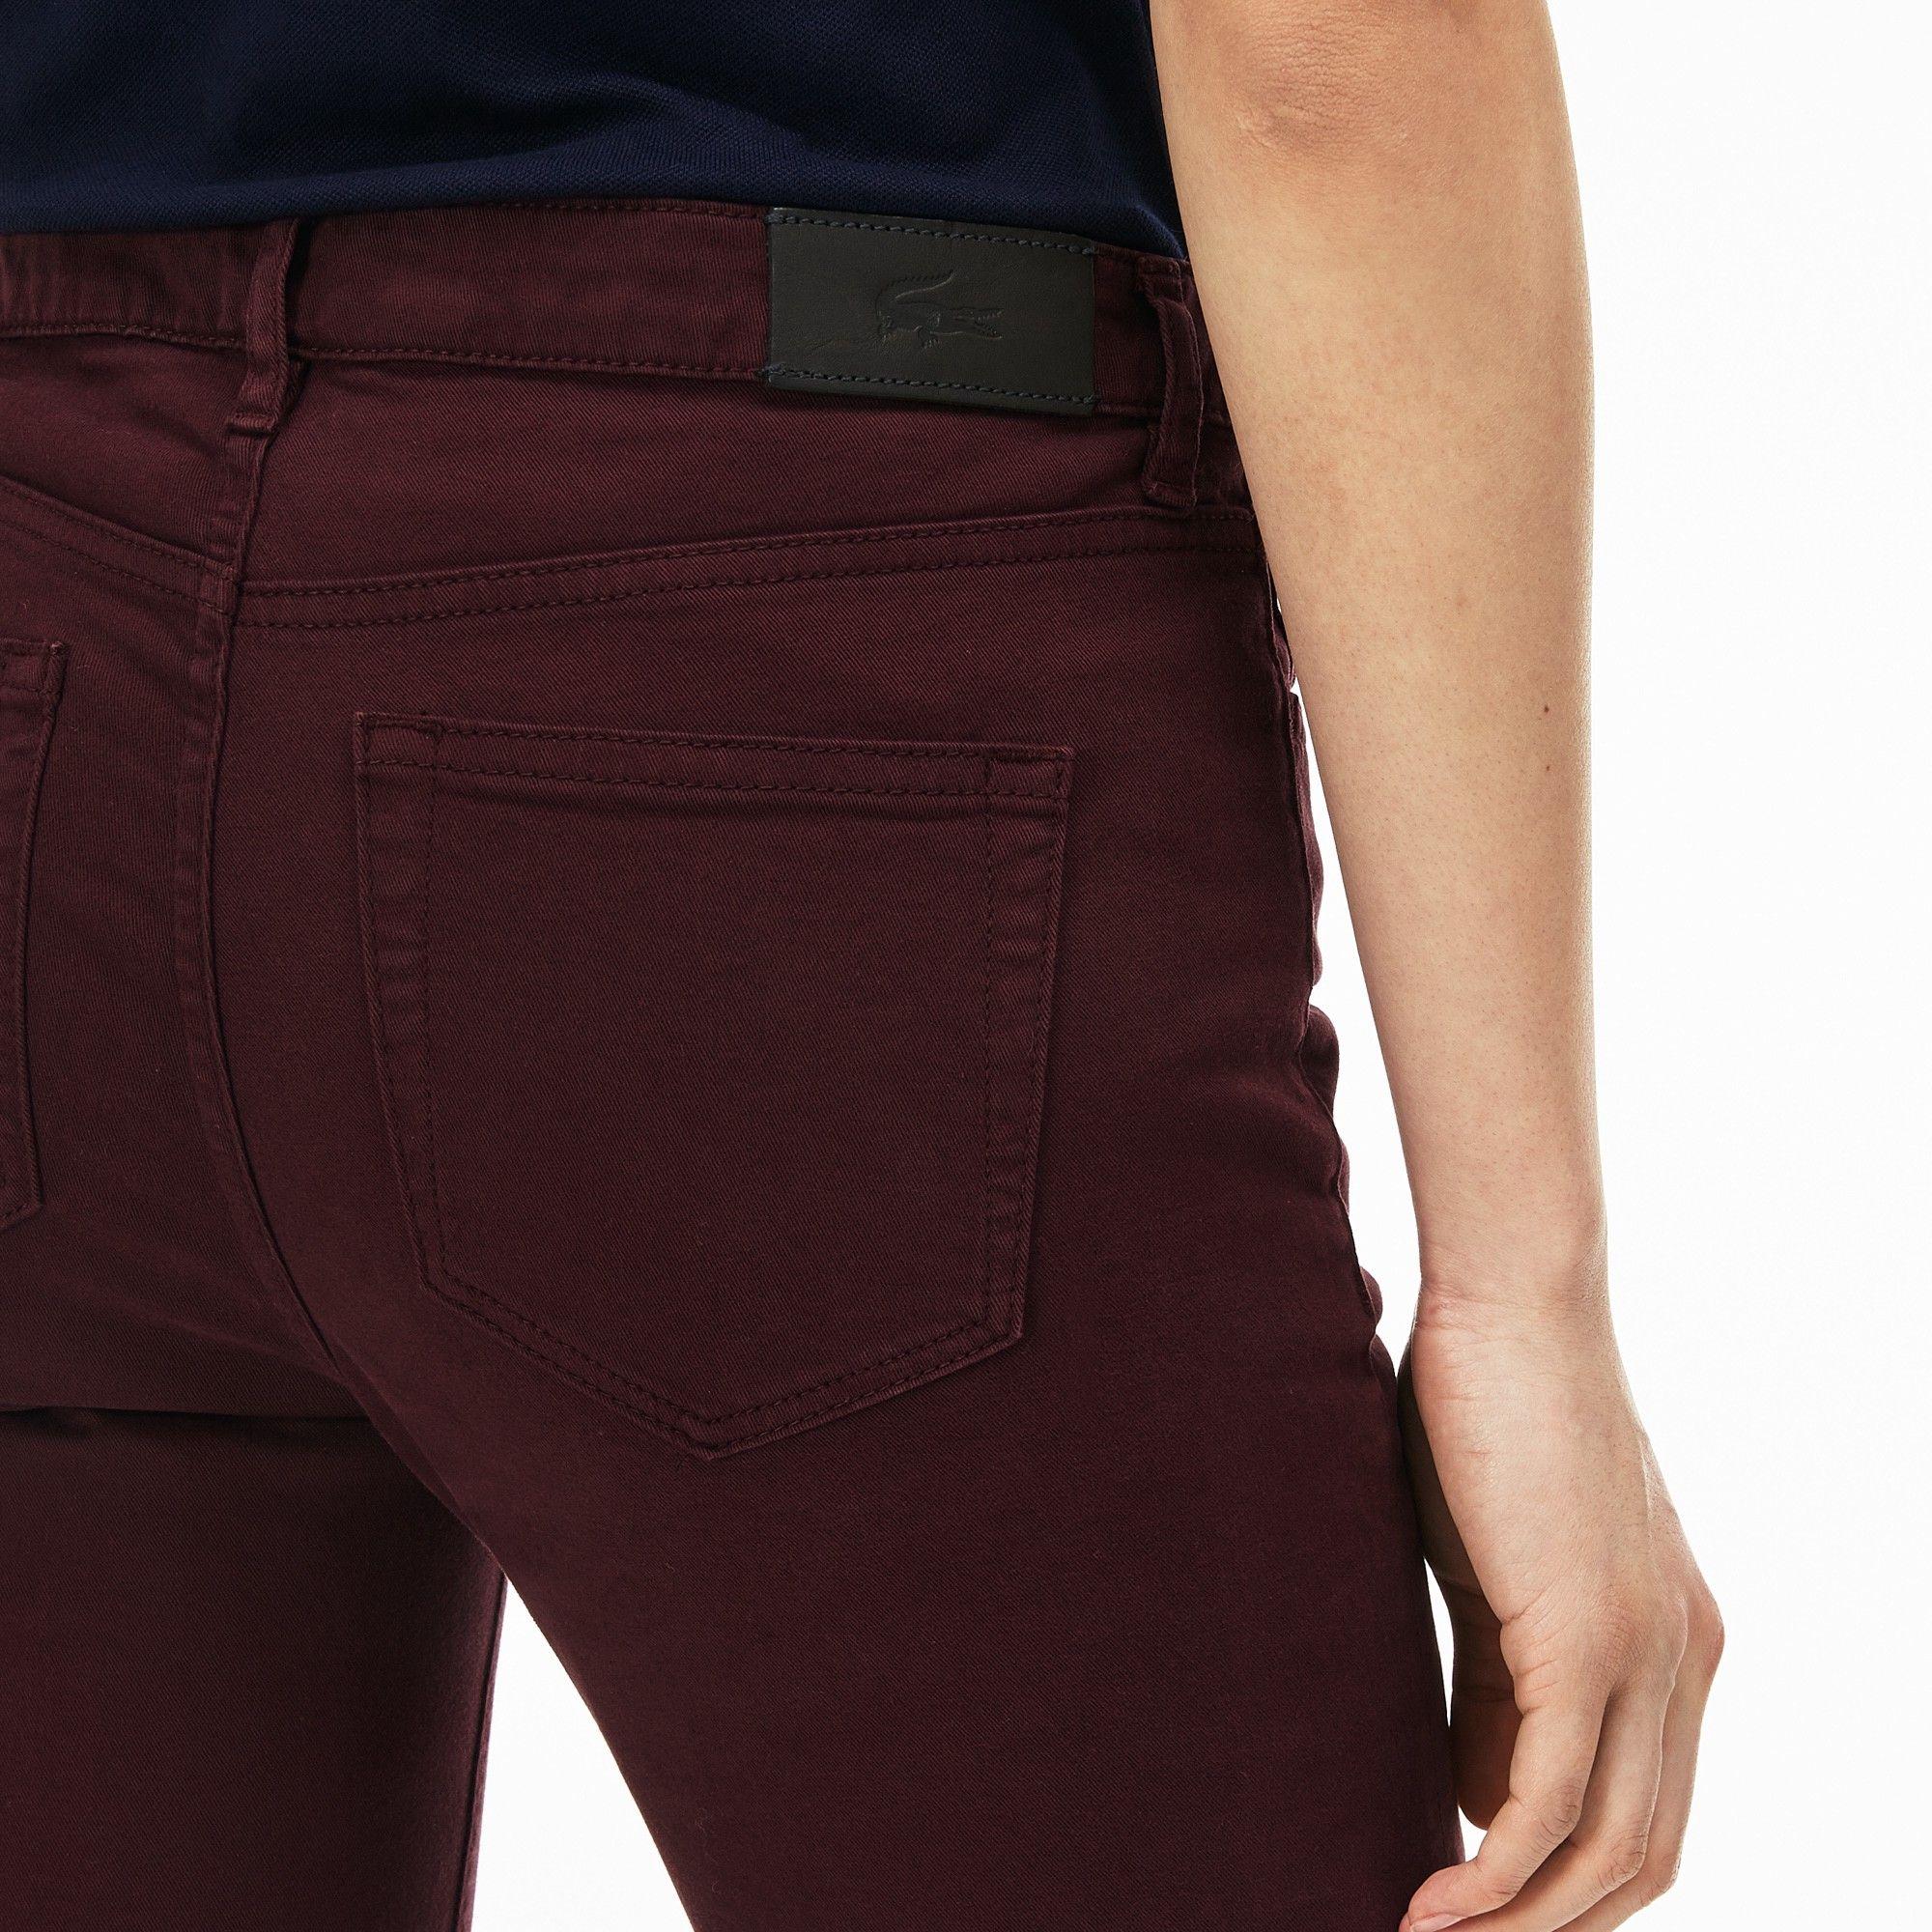 3c912bd6 Lacoste Women's Slim Fit Stretch Cotton Denim Jeans - Vendange 26 ...